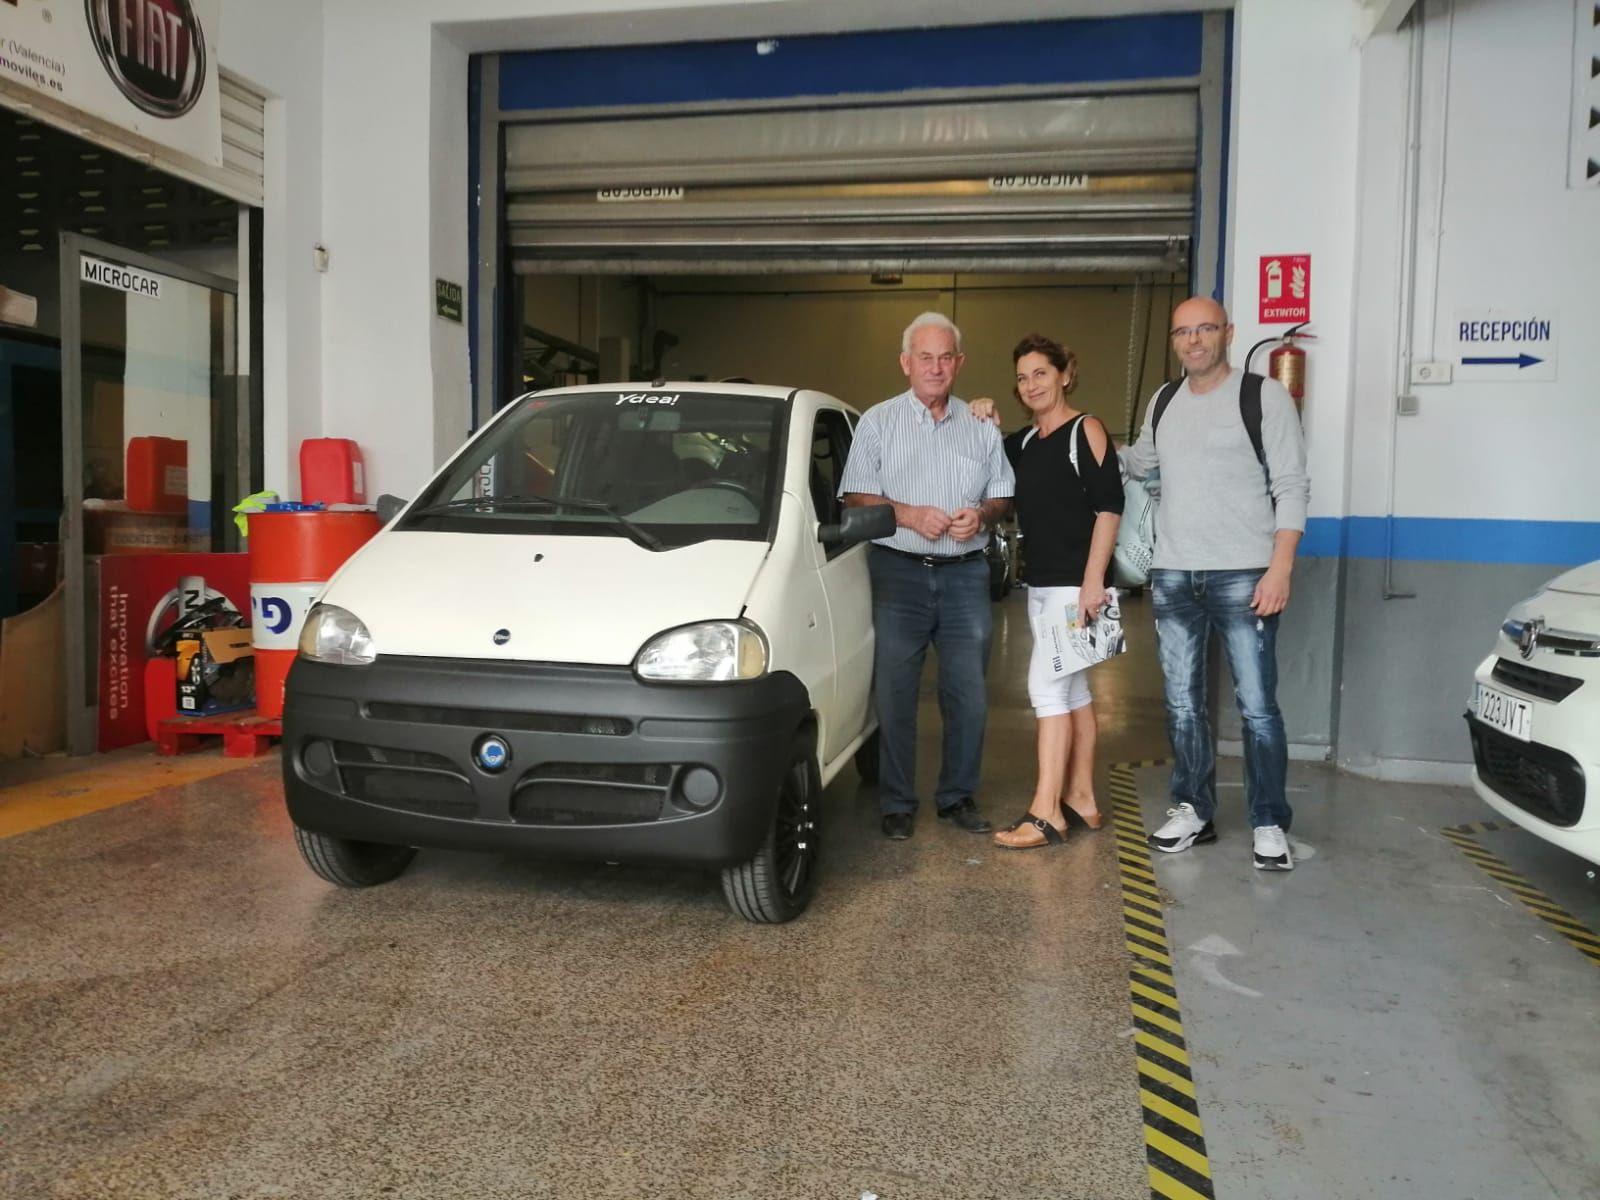 Milautomóviles le hace entrega a lafamilia Medina de un Casalini Ydea automático.